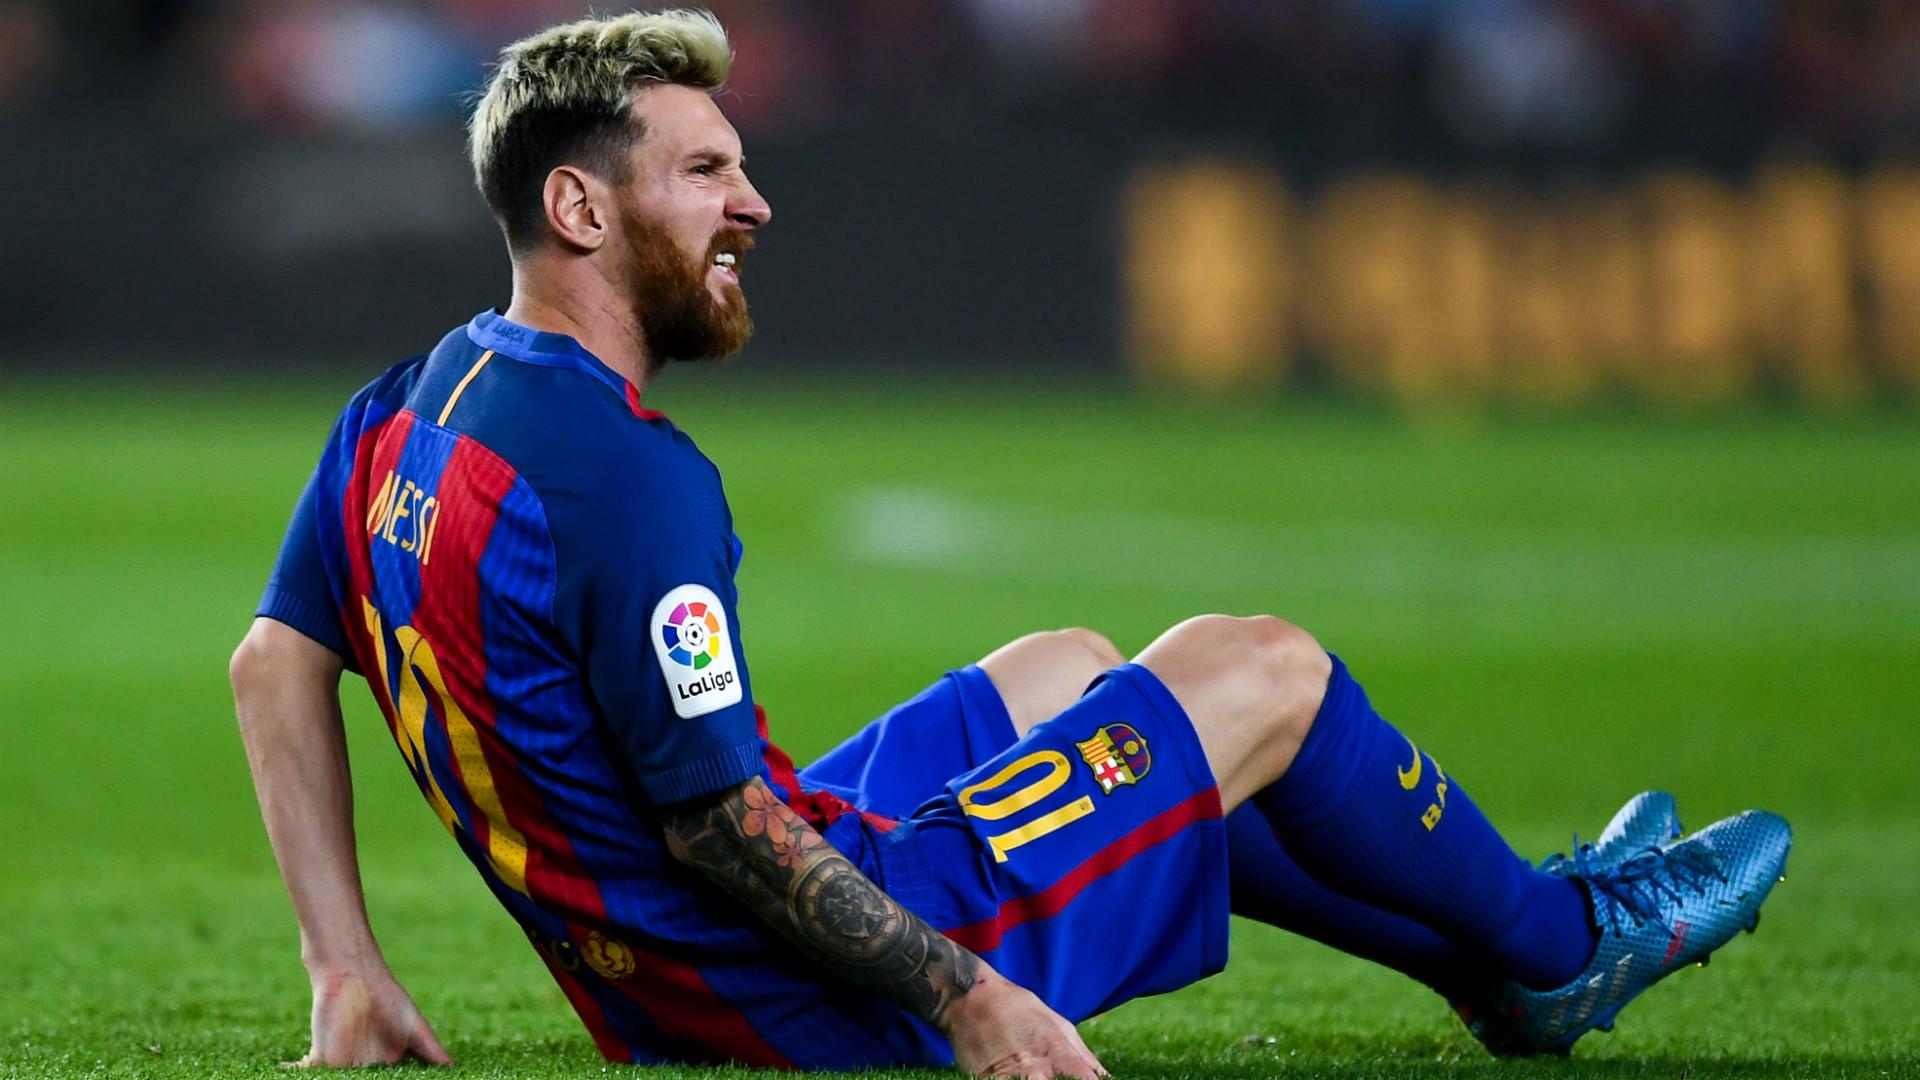 لیونل مسی ستاره آرژانتینی بارسلونا ؛ کلیپ جالب از 10 گل برتر مسی